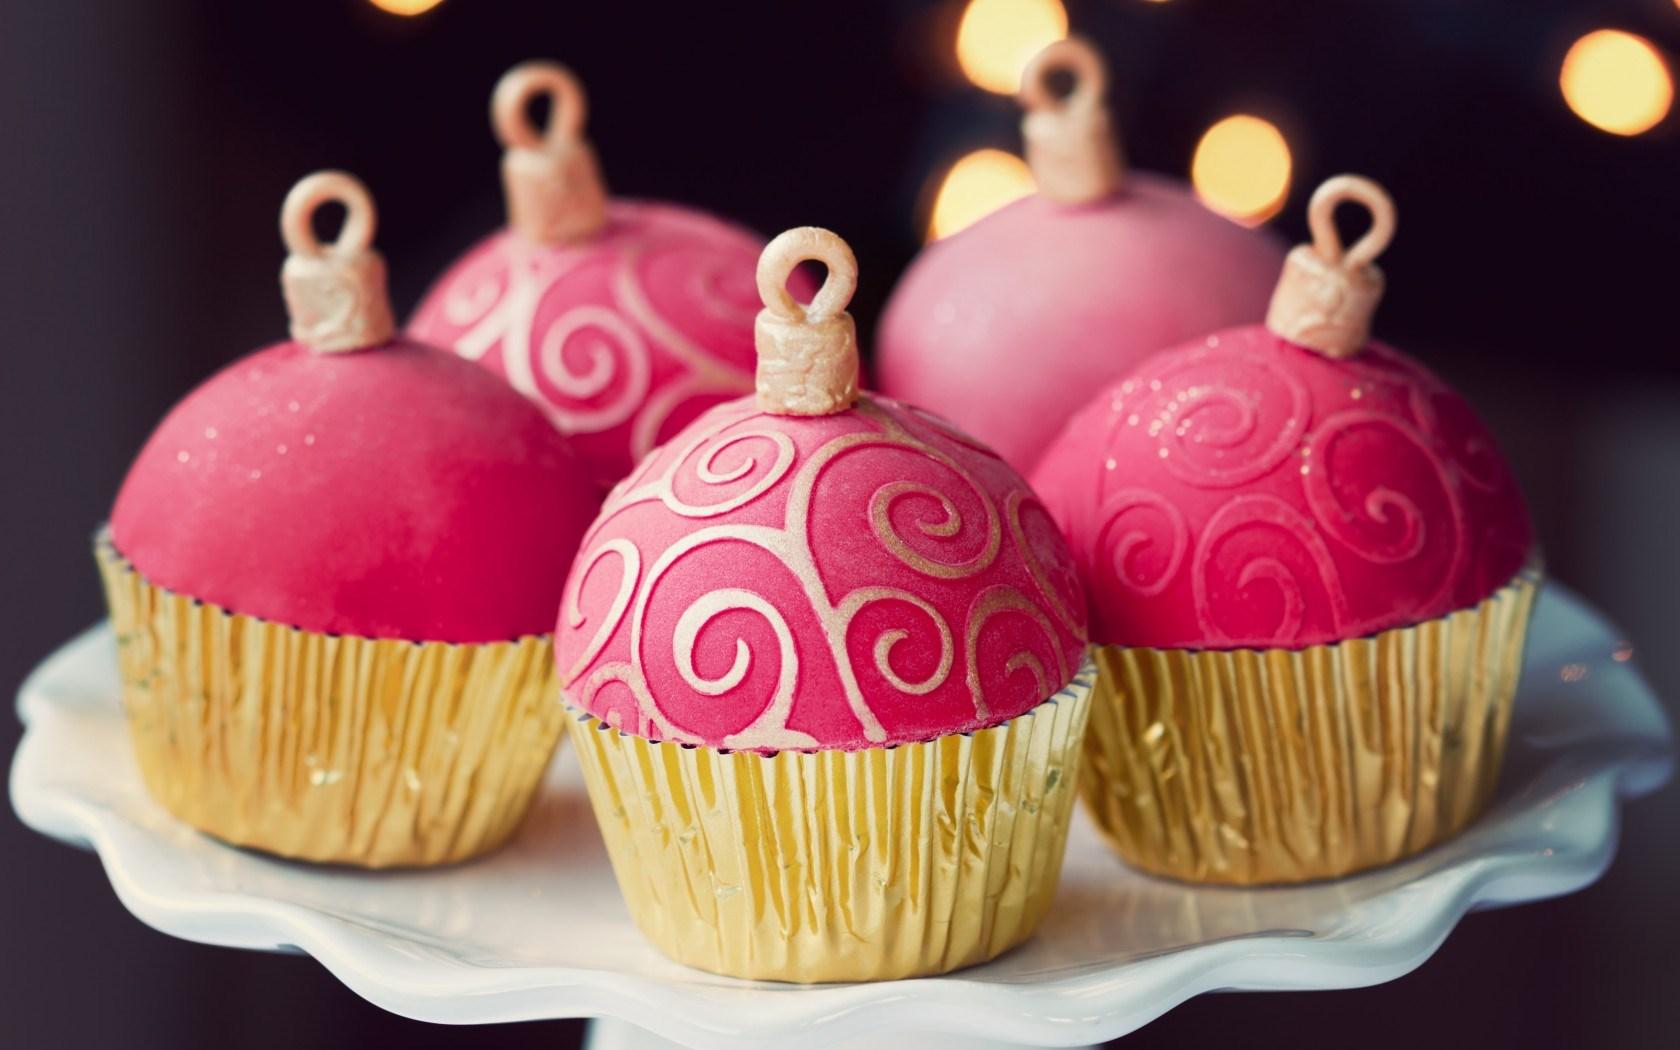 Dessert Cupcakes Christmas Balls Food Holiday Sweets Bokeh